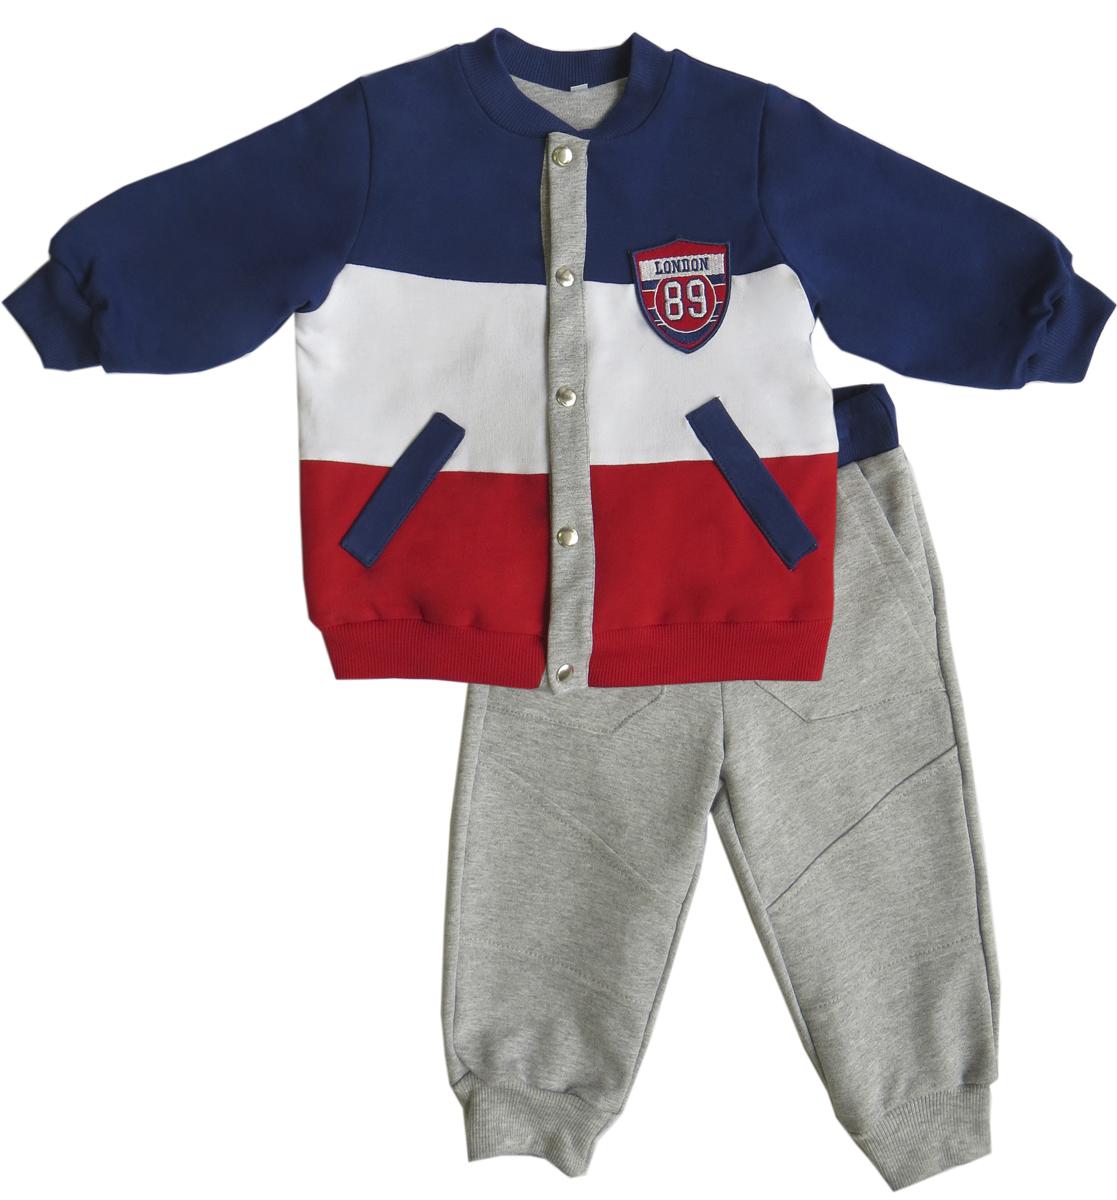 Спортивный костюм для мальчика Soni Kids Спортивная Академия, цвет: синий, серый. З6121006. Размер 86З6121006Стильный спортивный костюм для мальчика от Soni Kids, состоящий из толстовки и брюк, идеально подойдет вашему ребенку и станет отличным дополнением к его гардеробу. Изготовленный из натурального хлопка, он очень мягкий и приятный на ощупь, не сковывает движения и позволяет коже дышать, не раздражает даже самую нежную и чувствительную кожу ребенка, обеспечивая наибольший комфорт. Толстовка с длинными рукавами застегивается спереди на кнопки. По бокам предусмотрены два втачных кармашка. Понизу модель дополнена широкой трикотажной резинкой, а на рукавах имеются манжеты, не стягивающие запястья. Спортивные брюки на широком эластичном на поясе не сдавливают животик ребенка и не сползают. Брюки также дополнены боковыми карманами. Снизу брючин предусмотрены широкие манжеты. Модель оформлена нашивками. В таком костюме ваш ребенок будет чувствовать себя комфортно, уютно и всегда будет в центре внимания.